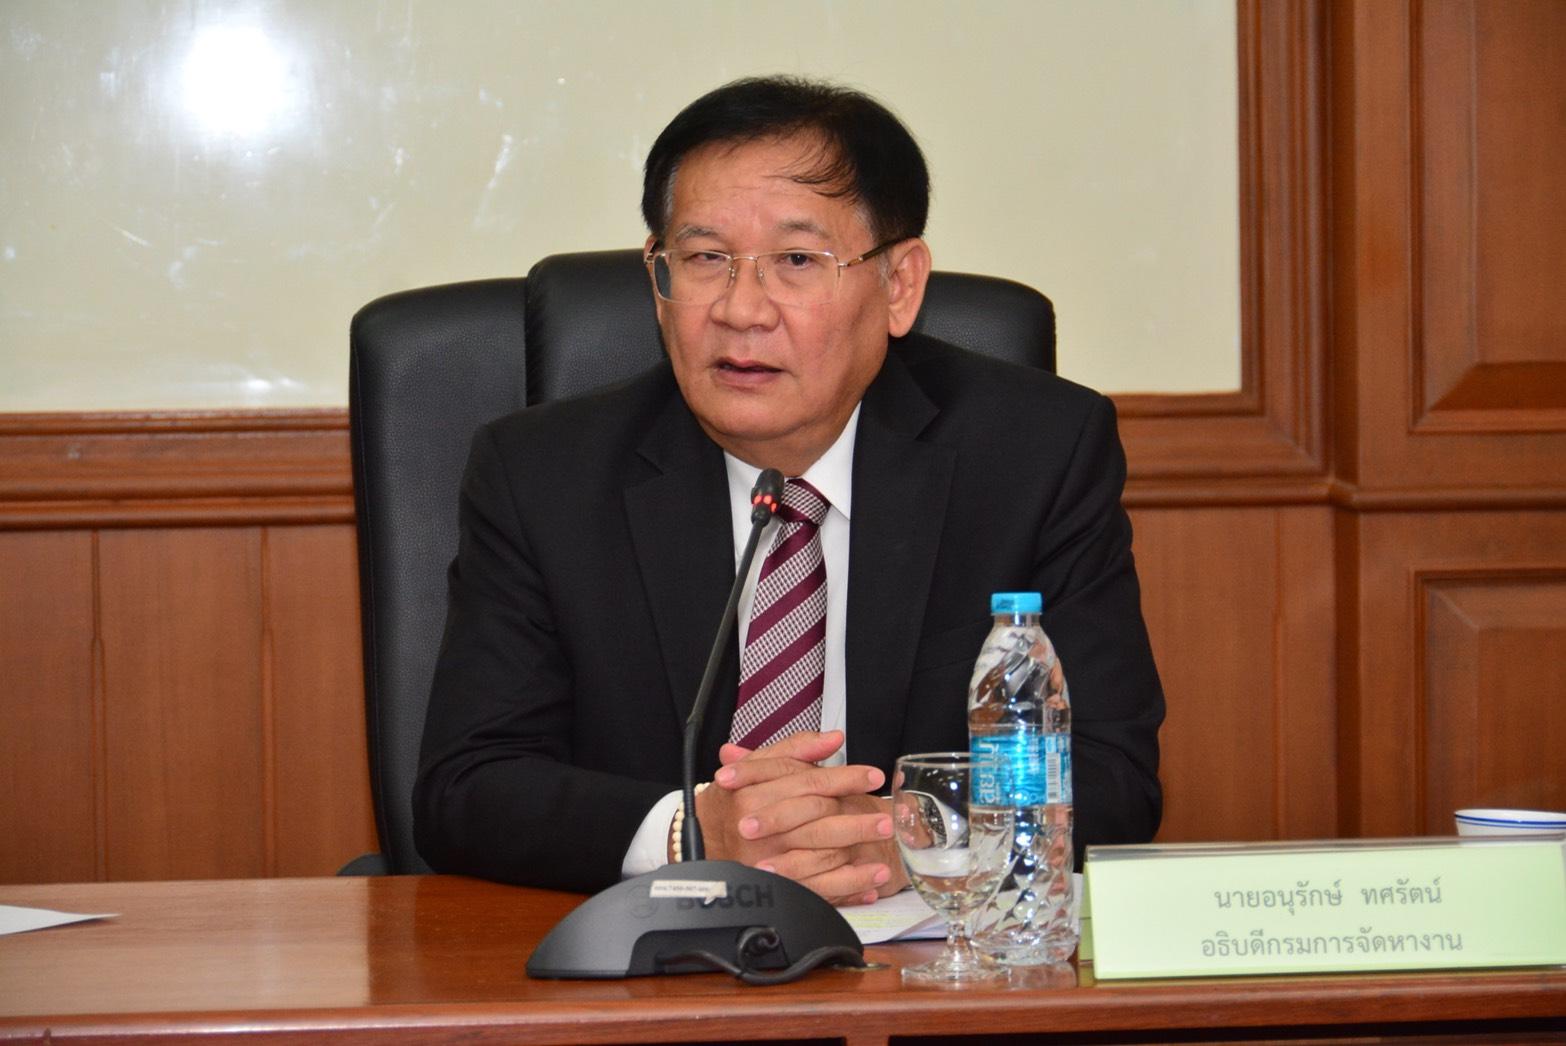 การประชุมเตรียมการคณะกรรมการดำเนินงานตามความตกลงด้านแรงงานระหว่างรัฐบาลไทยและรัฐบาลอิสราเอล